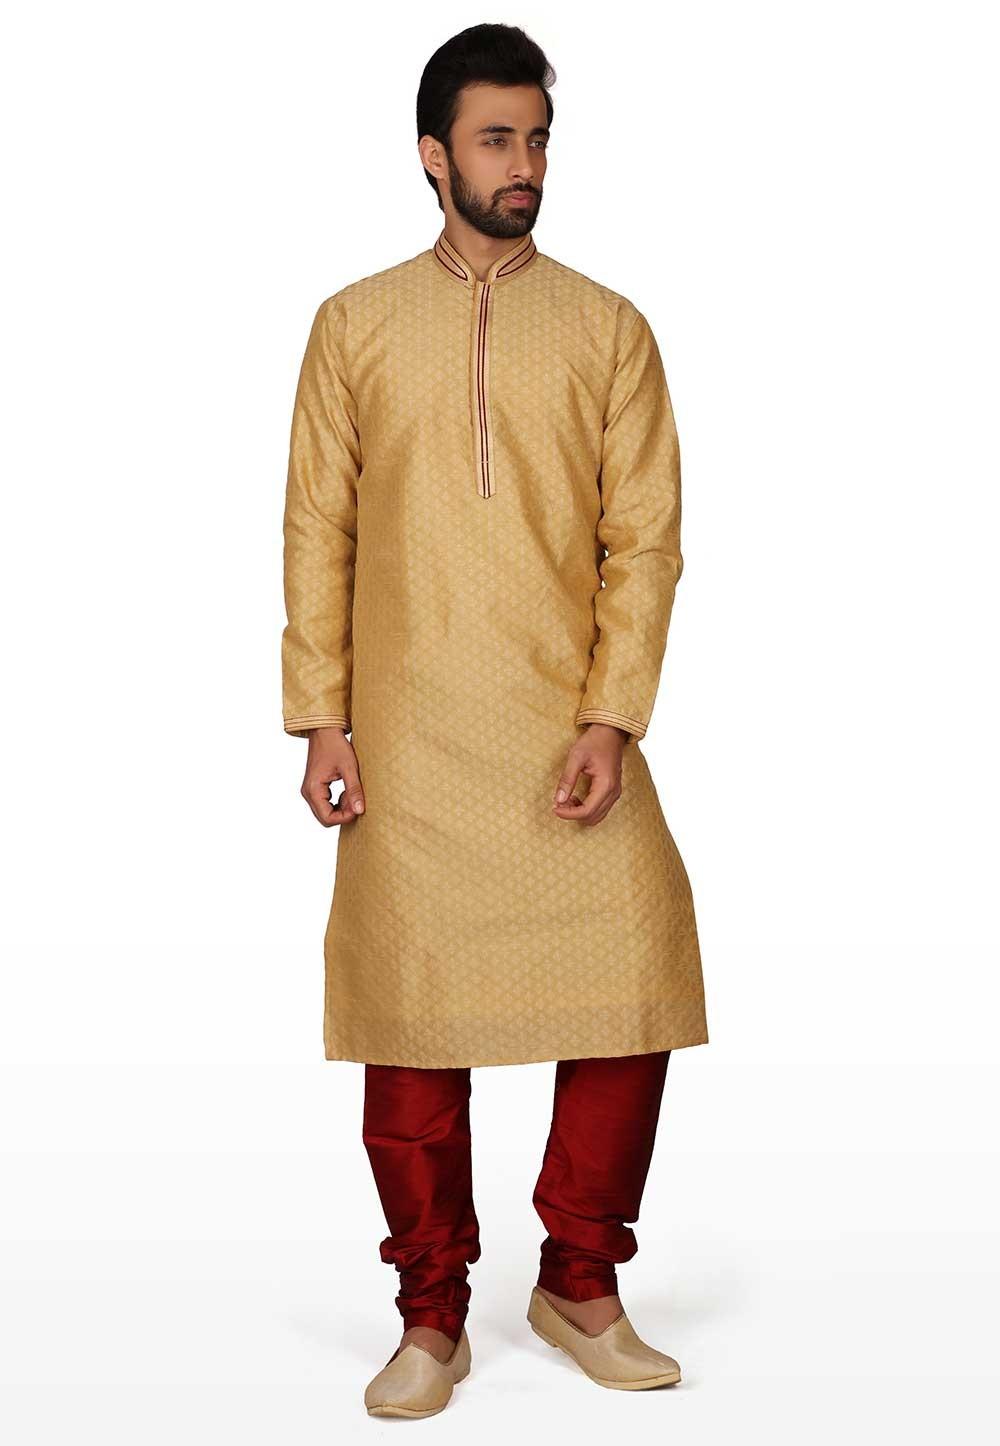 Golden Colour Traditional Kurta Pajama.